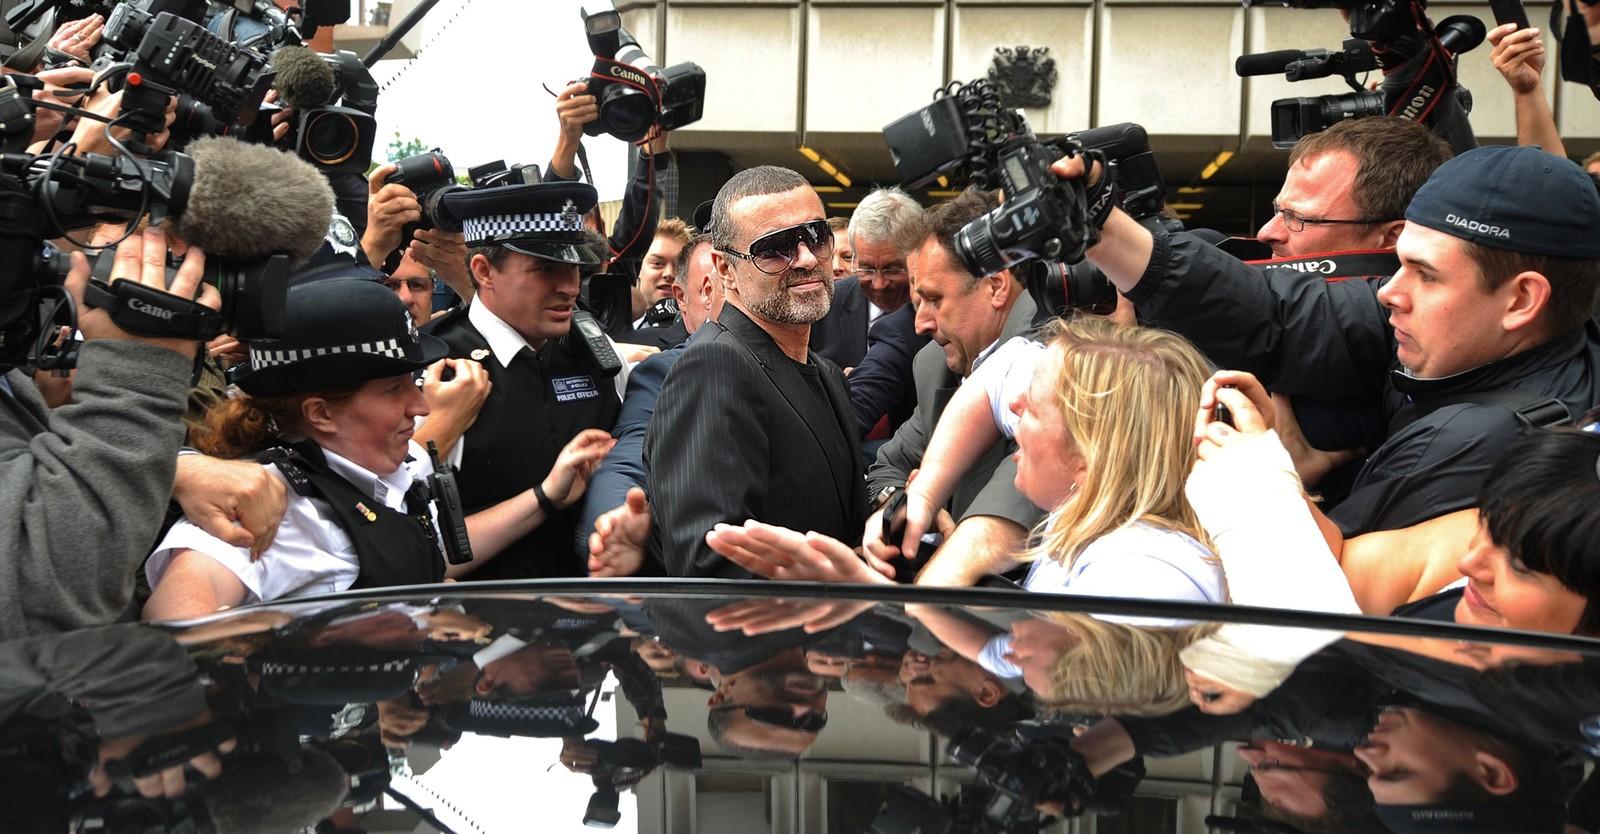 2010: George Michael forlater retten i Lndon etter å ha vært tiltalt for et trafikkulykell 24. august 2010.